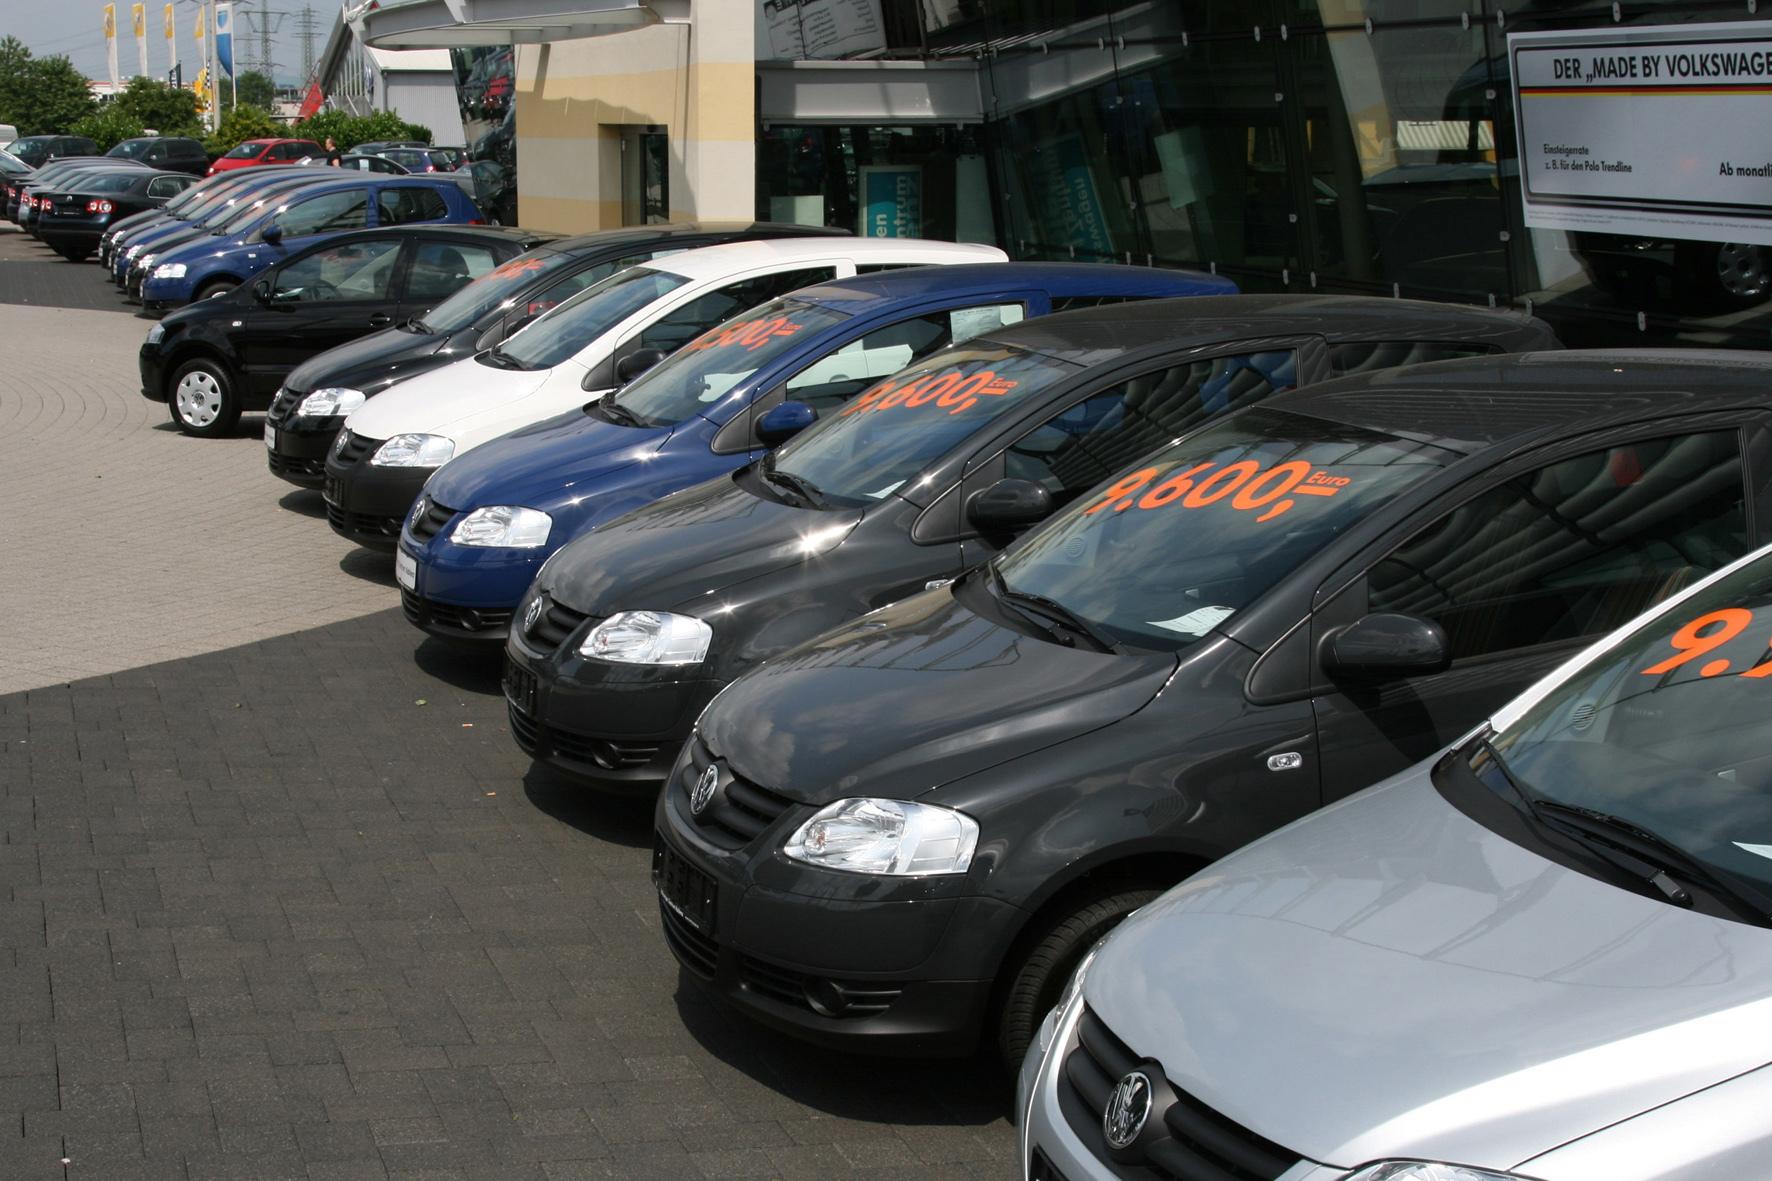 mid Groß-Gerau - Die Gebrauchtwagenpreise in Deutschland befinden sich im Sturzflug.